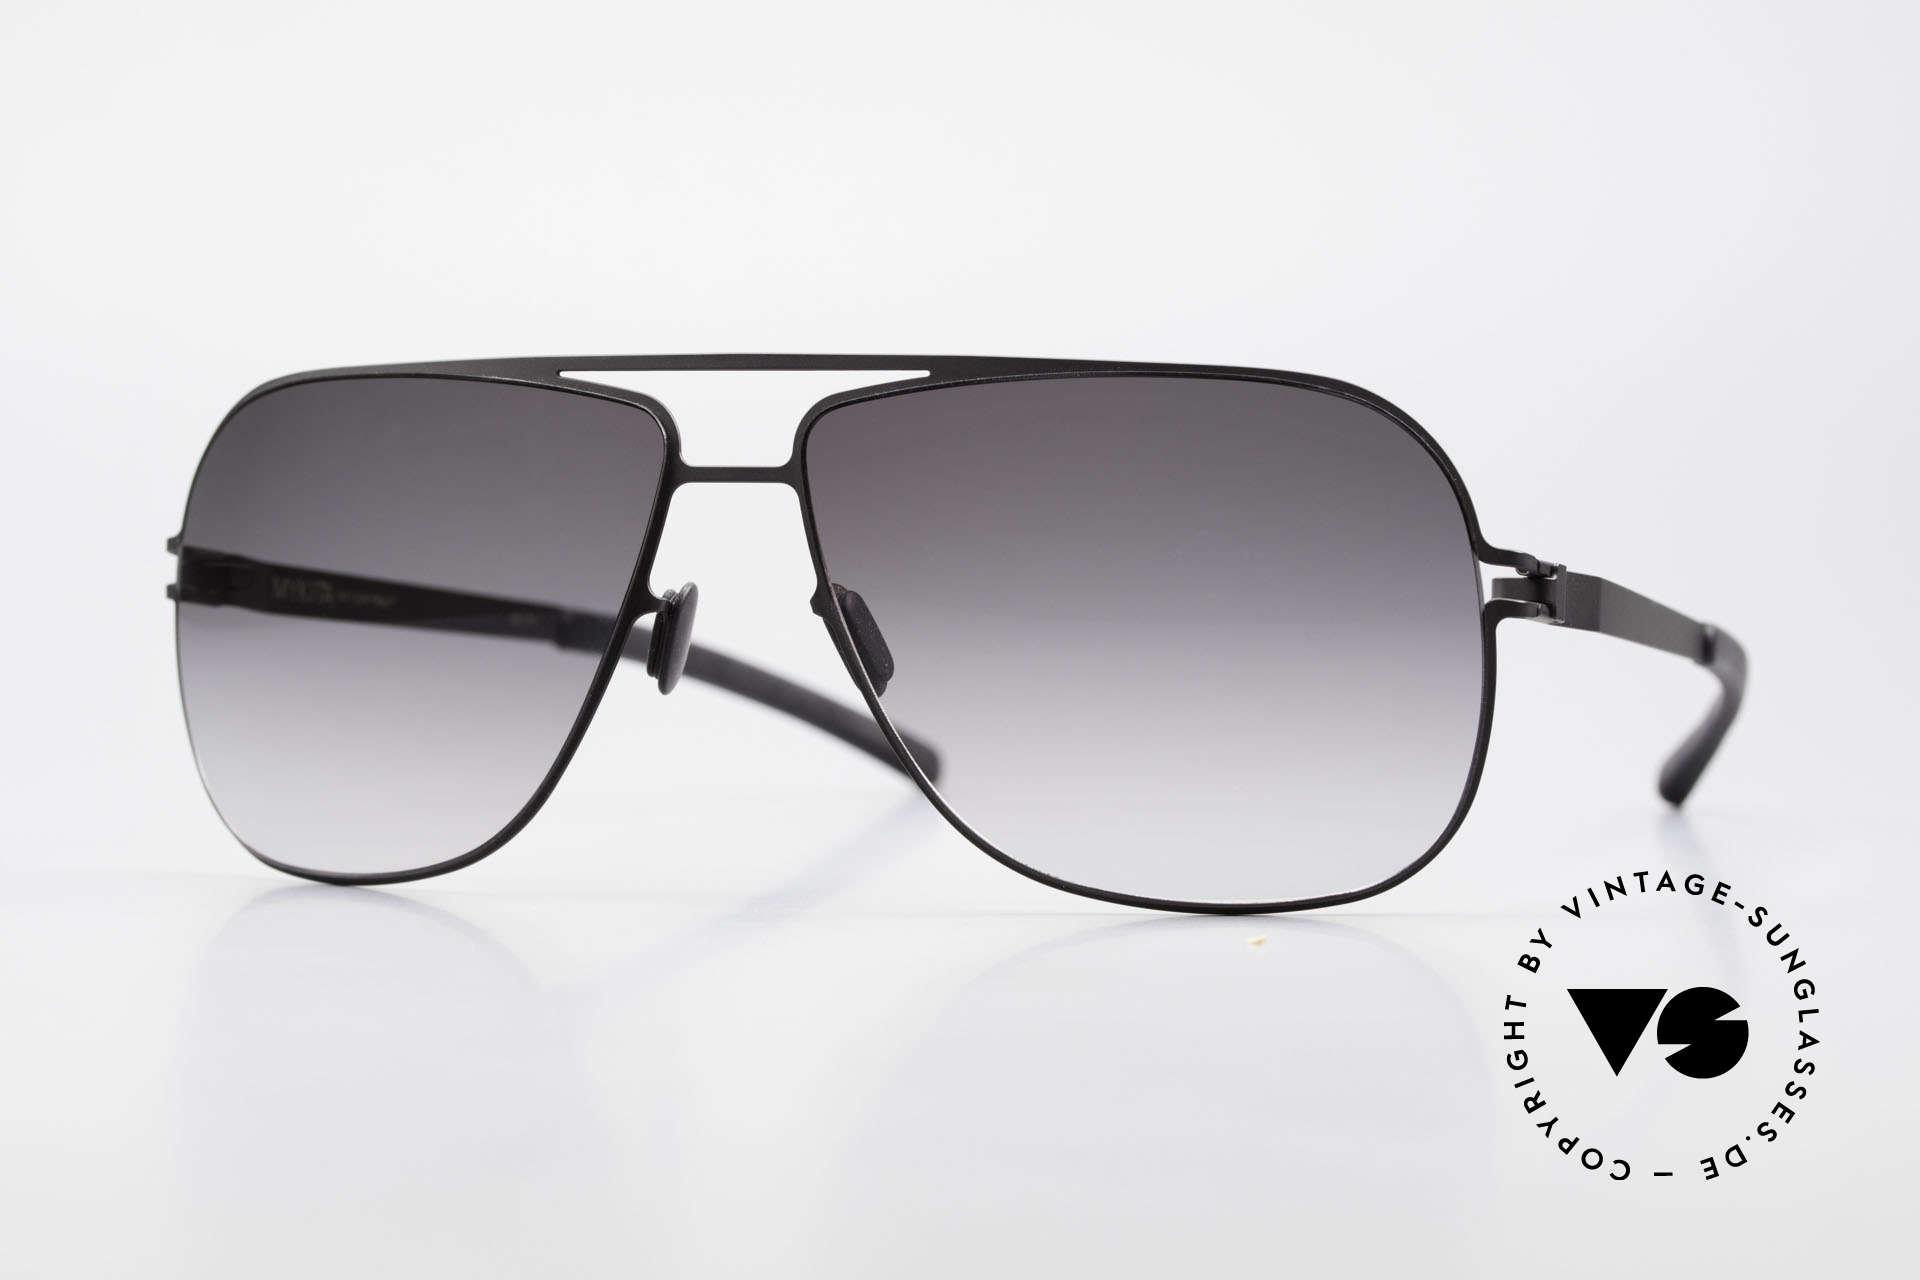 Mykita Rolf Brad Pitt Mykita Sonnenbrille, VINTAGE Angelina Jolie MYKITA Sonnenbrille von 2011, Passend für Herren und Damen